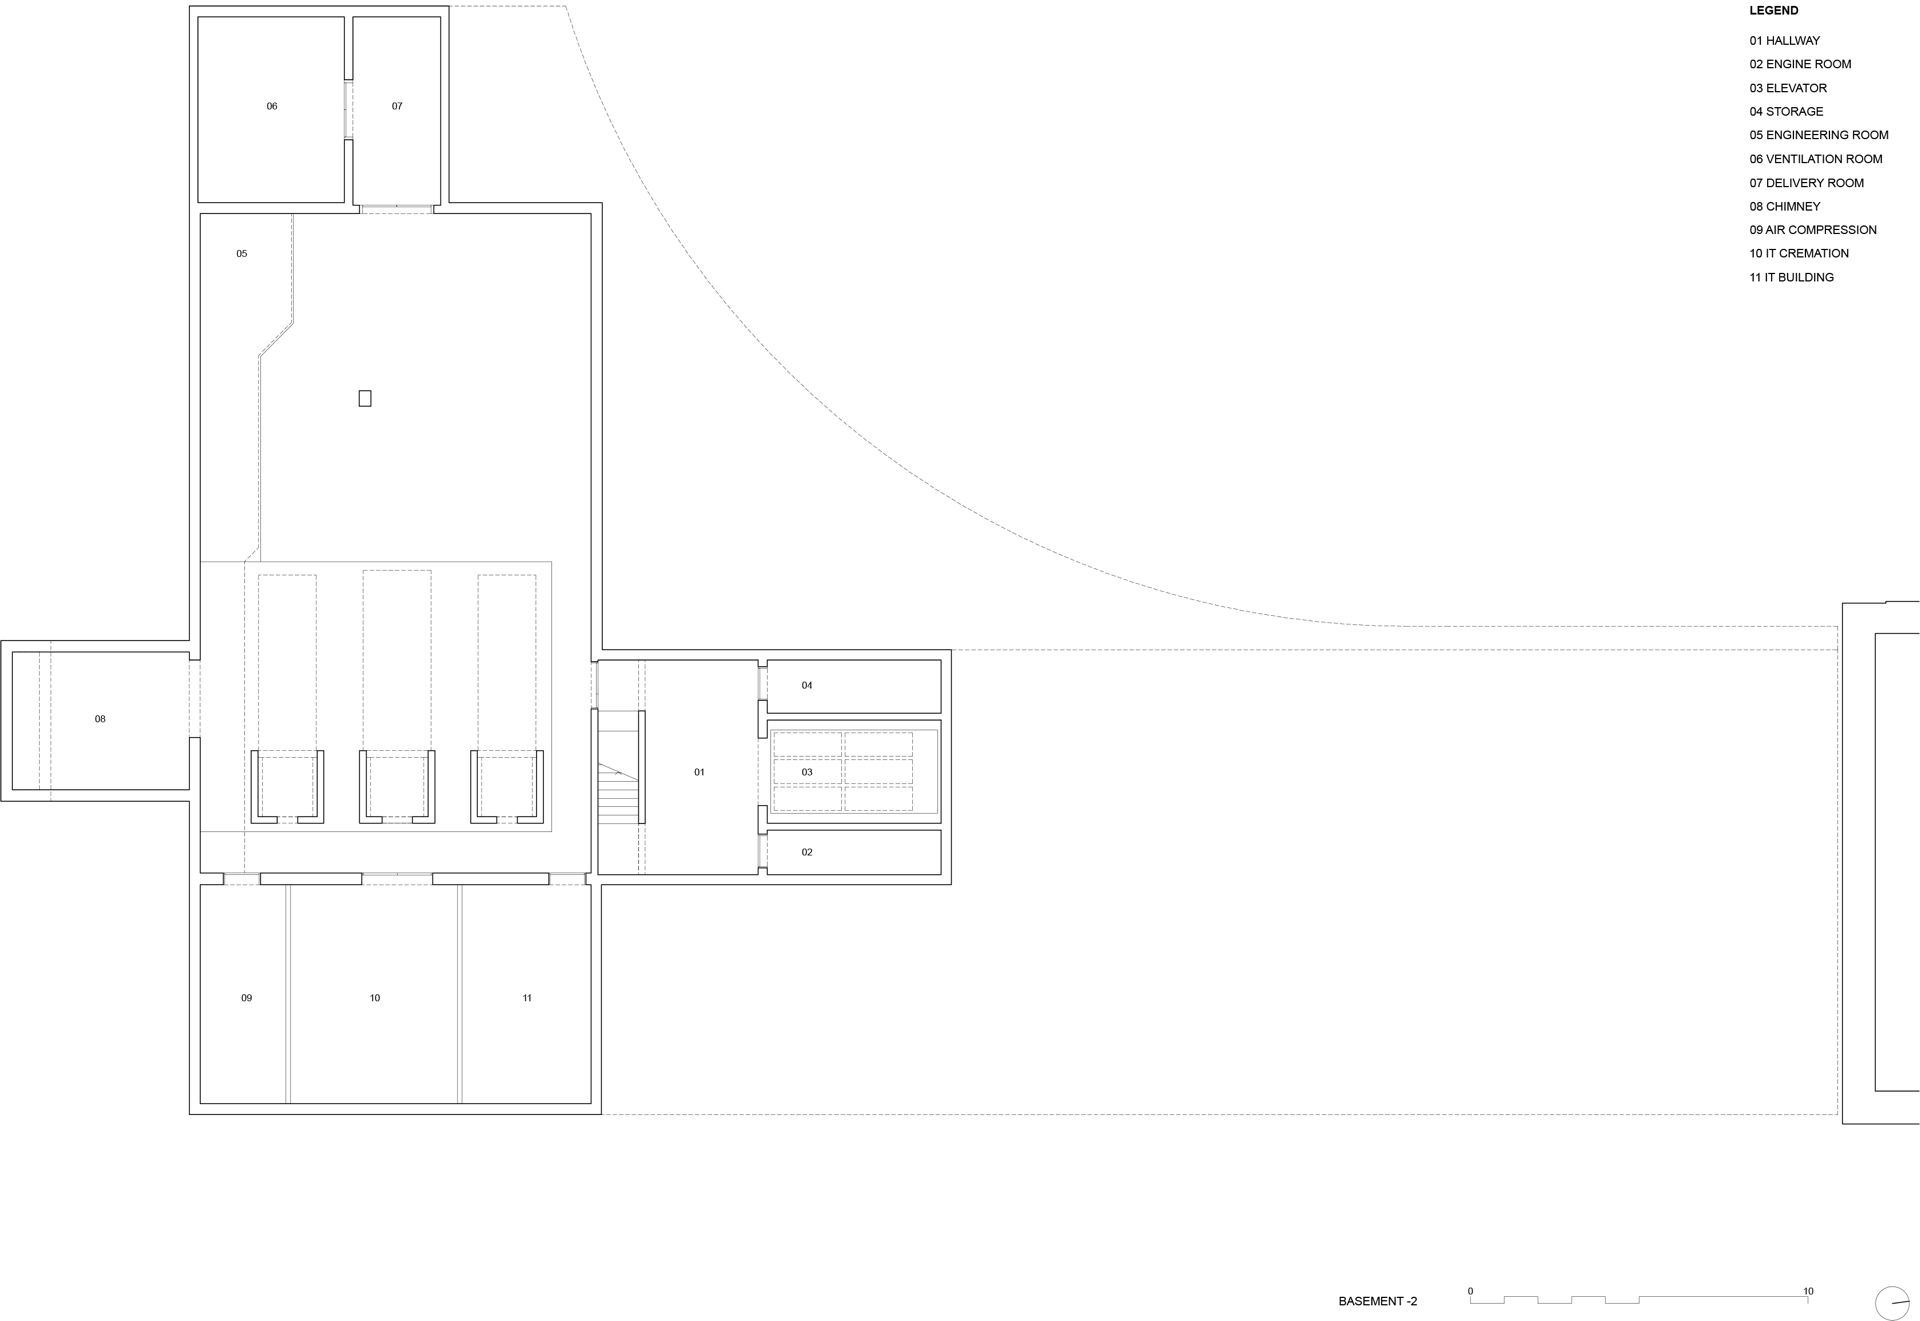 Garrigues Maurer: nuevo crematorio del cementerio de Hörnli, Basilea